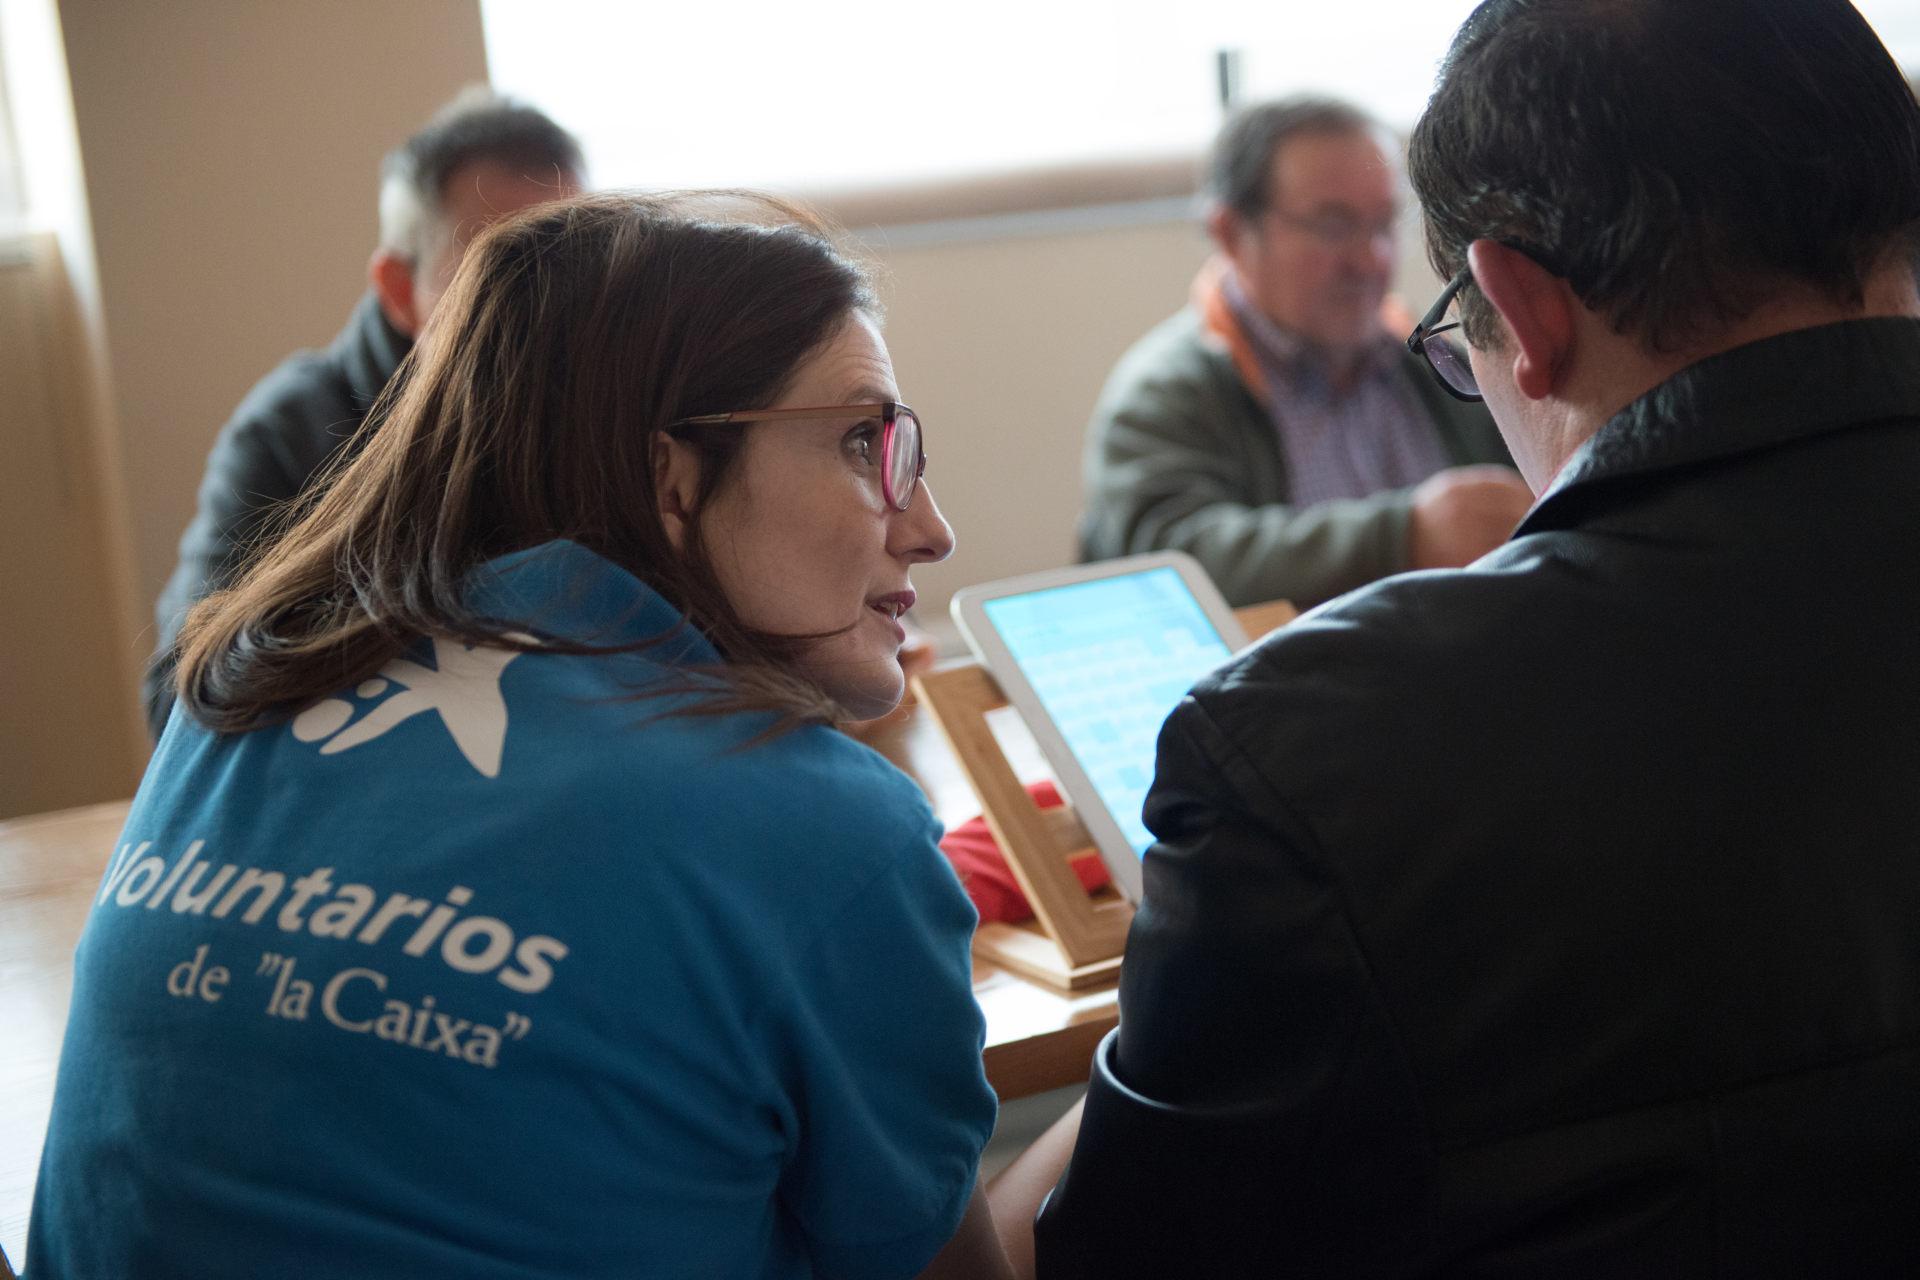 voluntarios caixa reducen brecha digital a través de formacion a usuarios y profesionales de las ong